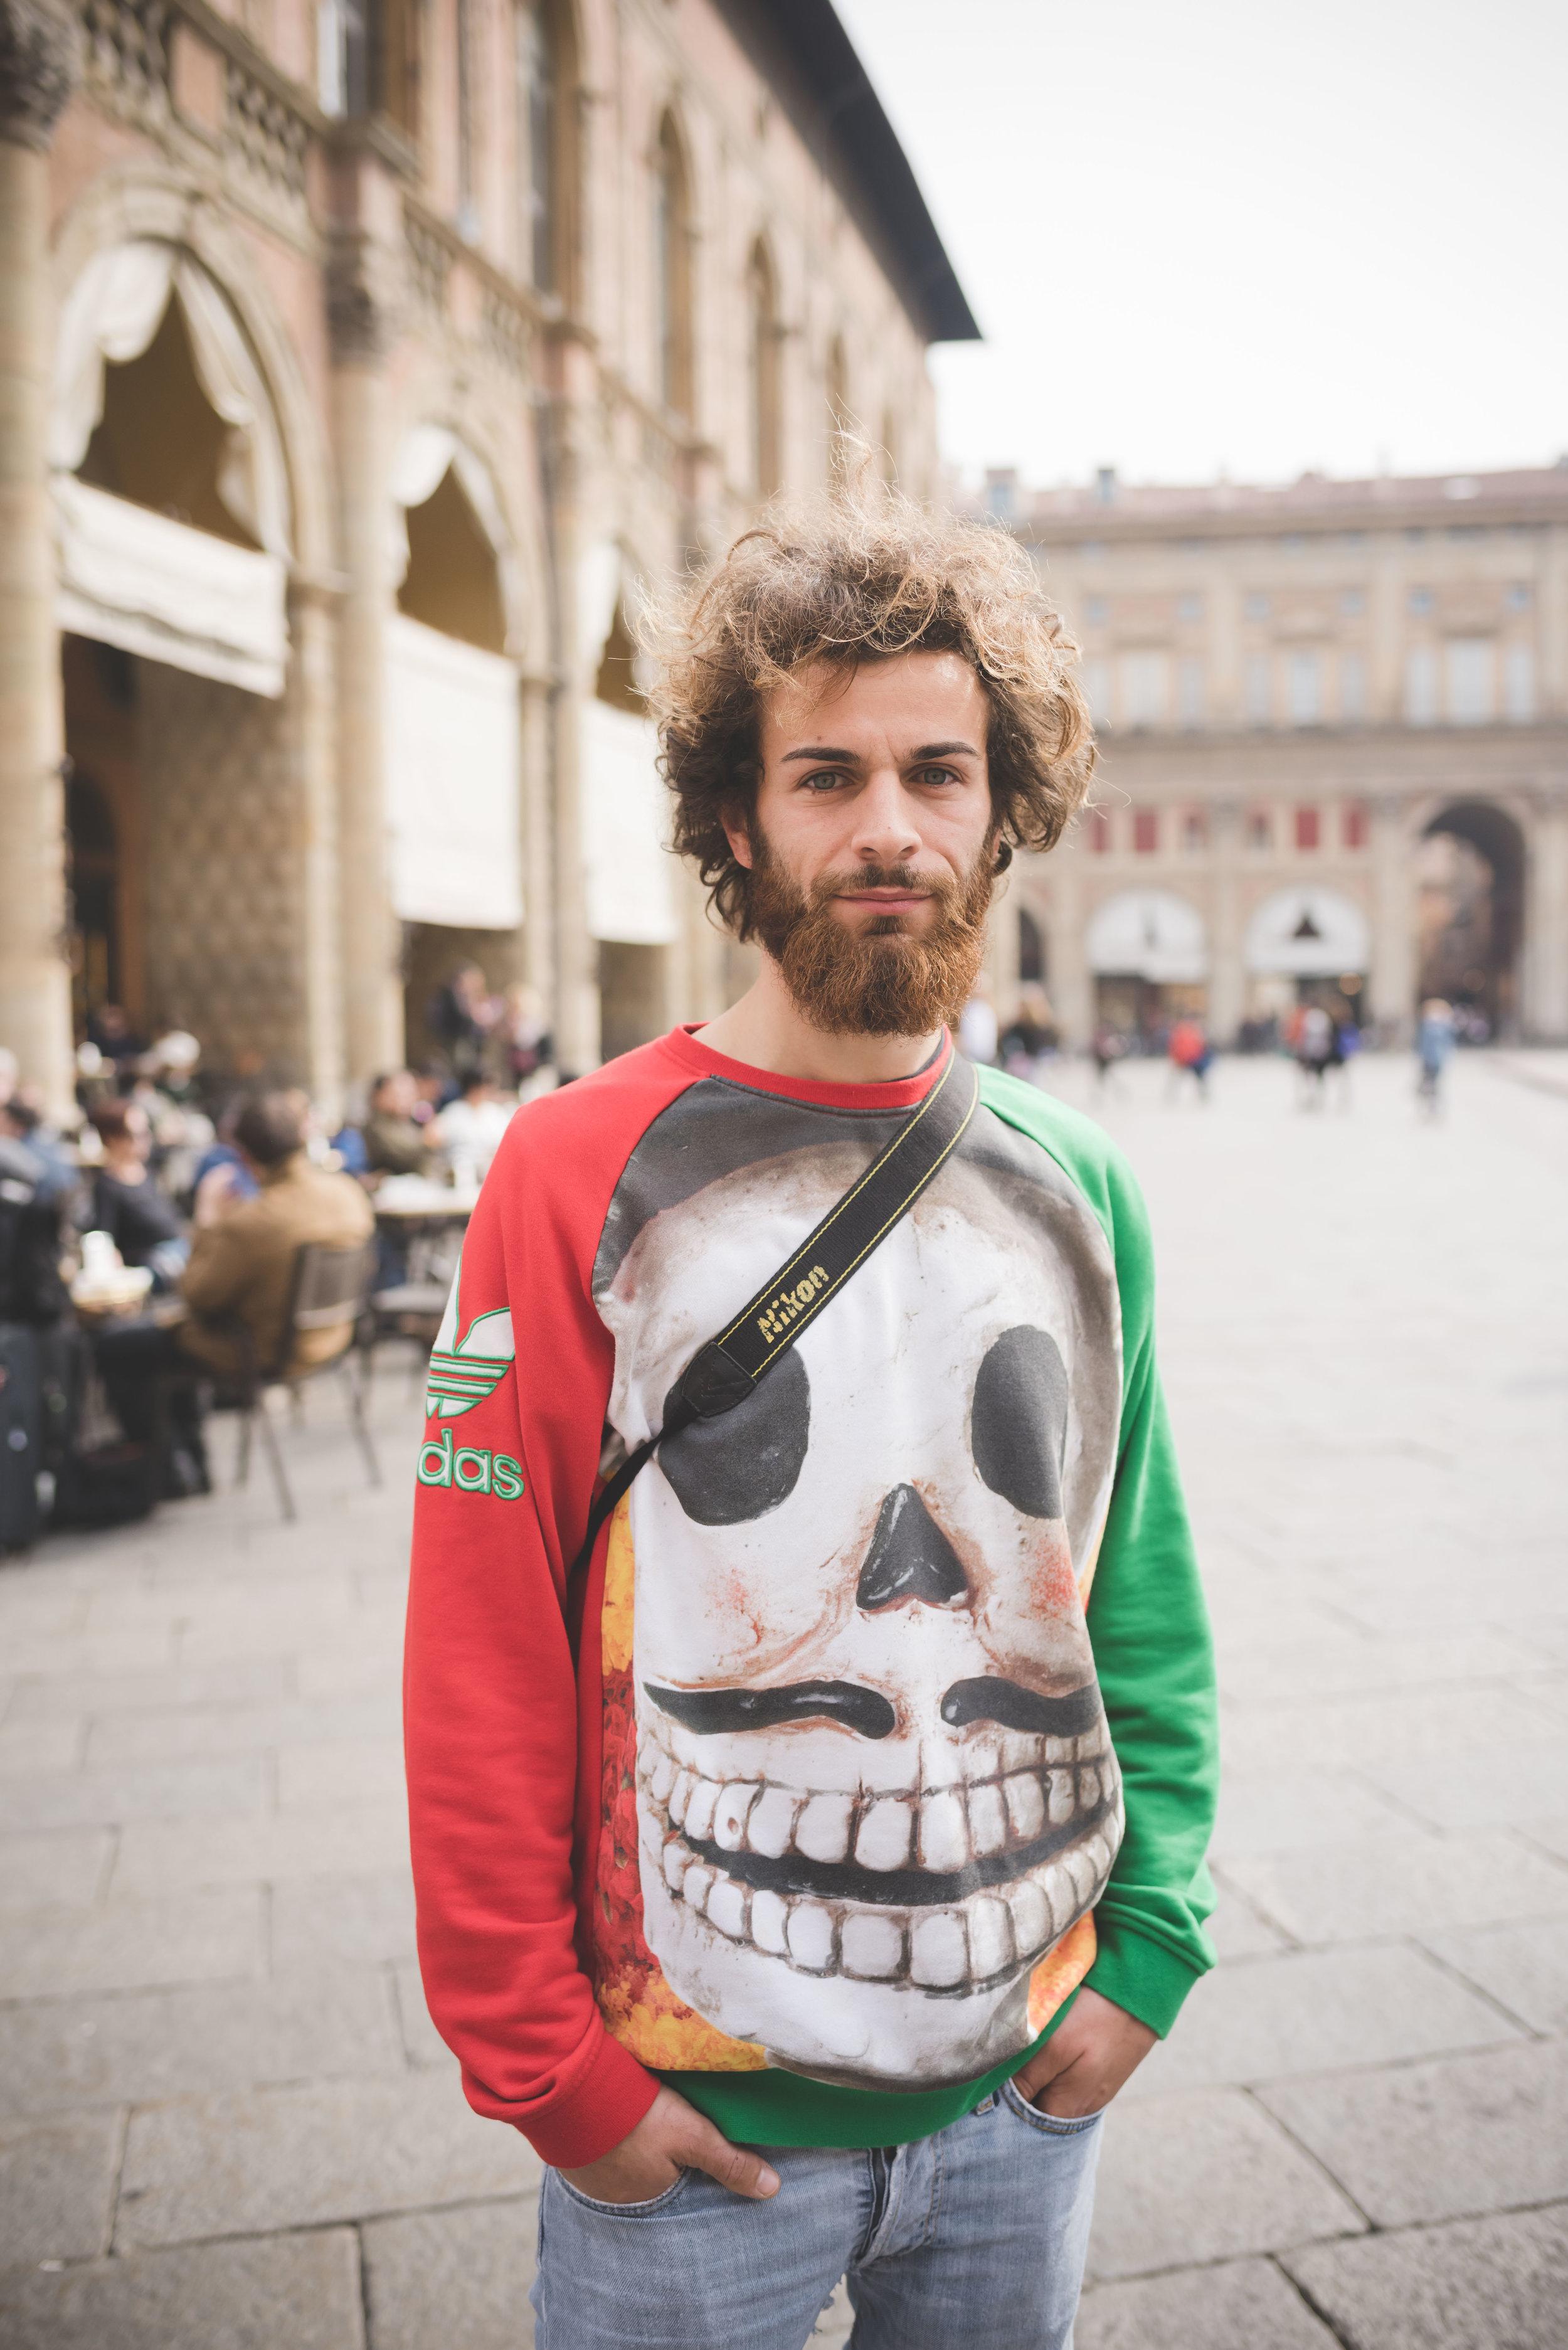 24-03-17 ritratti persone bologna-24.jpg